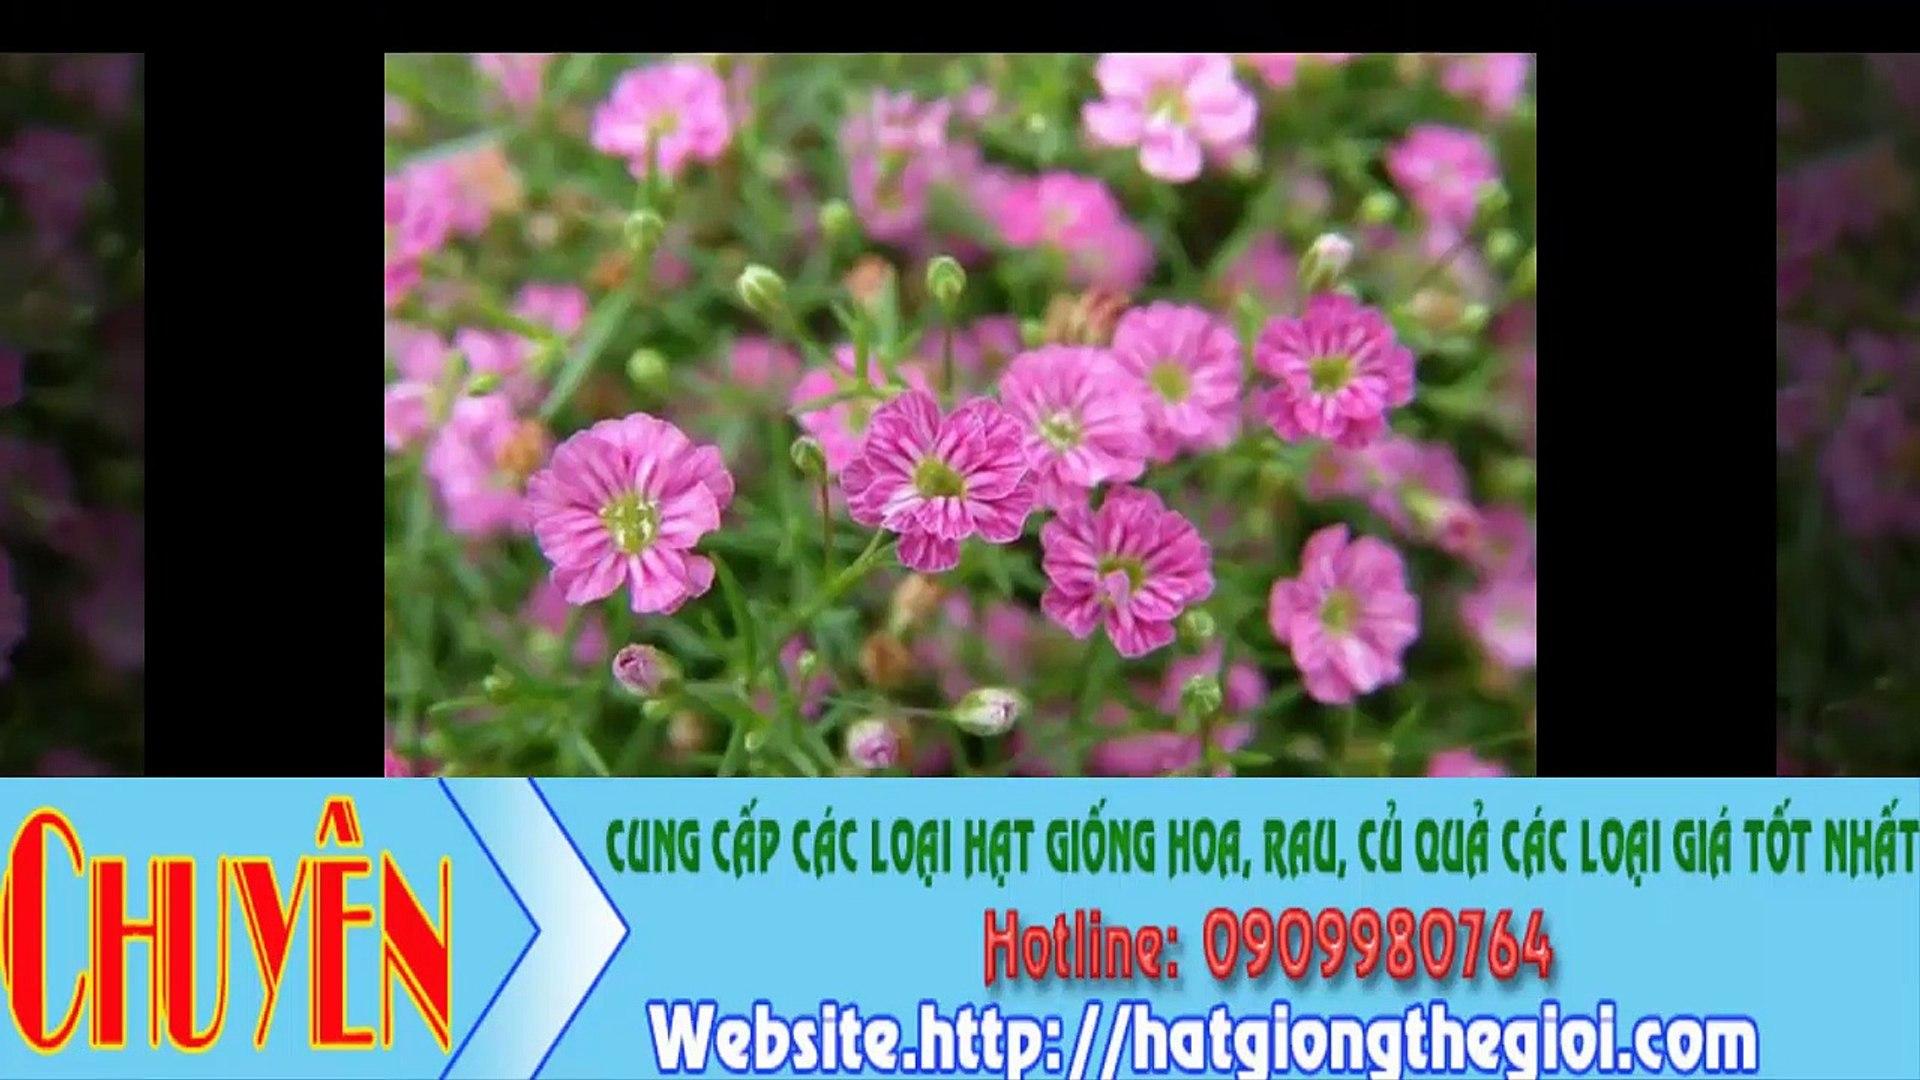 Hạt Giống Hoa Baby Trắng, Hạt Giống Hoa Hồng, Hạt Giống Hoa Salem